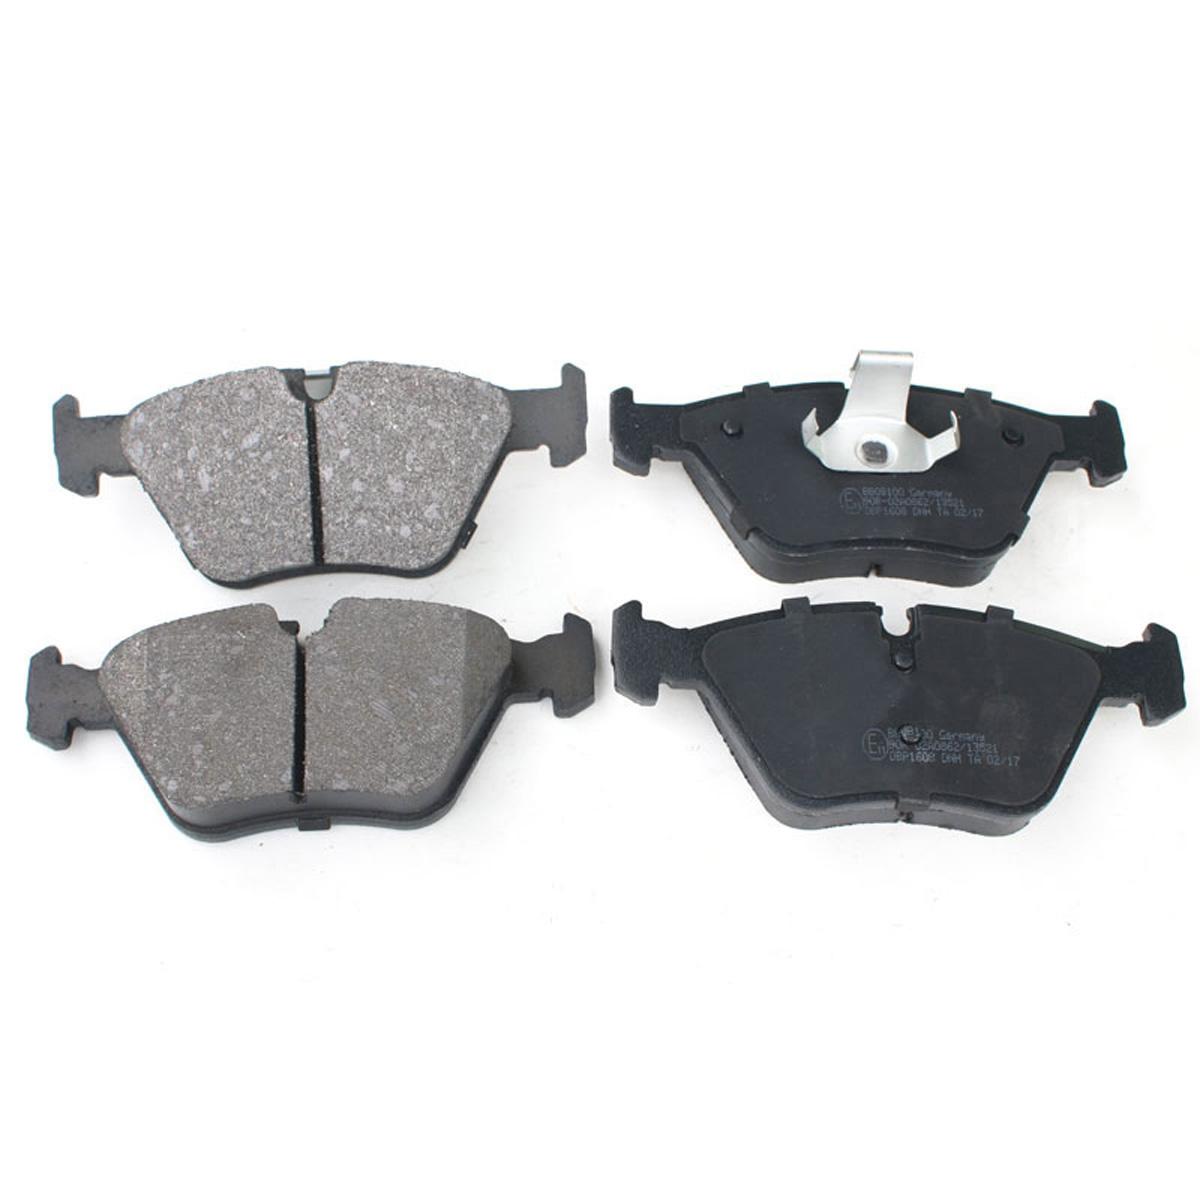 Bremsbelagsatz, Scheibenbremse, Vorderachse für  BMW, MG, BB08100